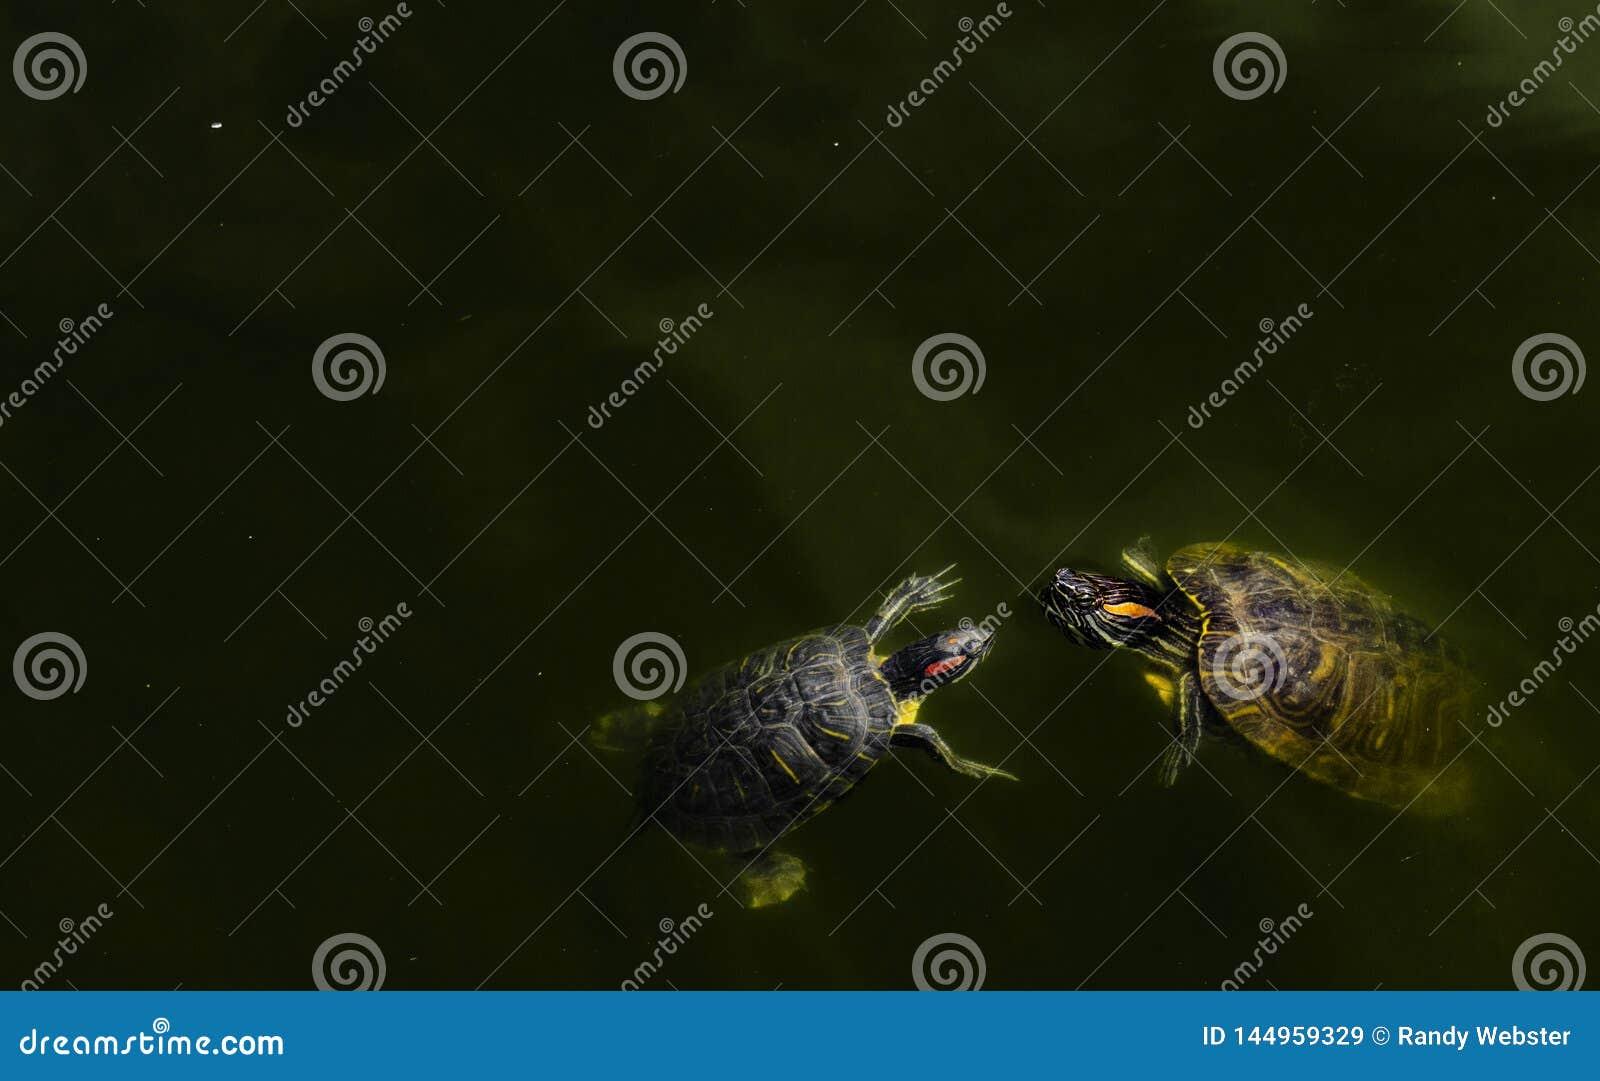 Schildkr?te in einem Teich mit Fischen